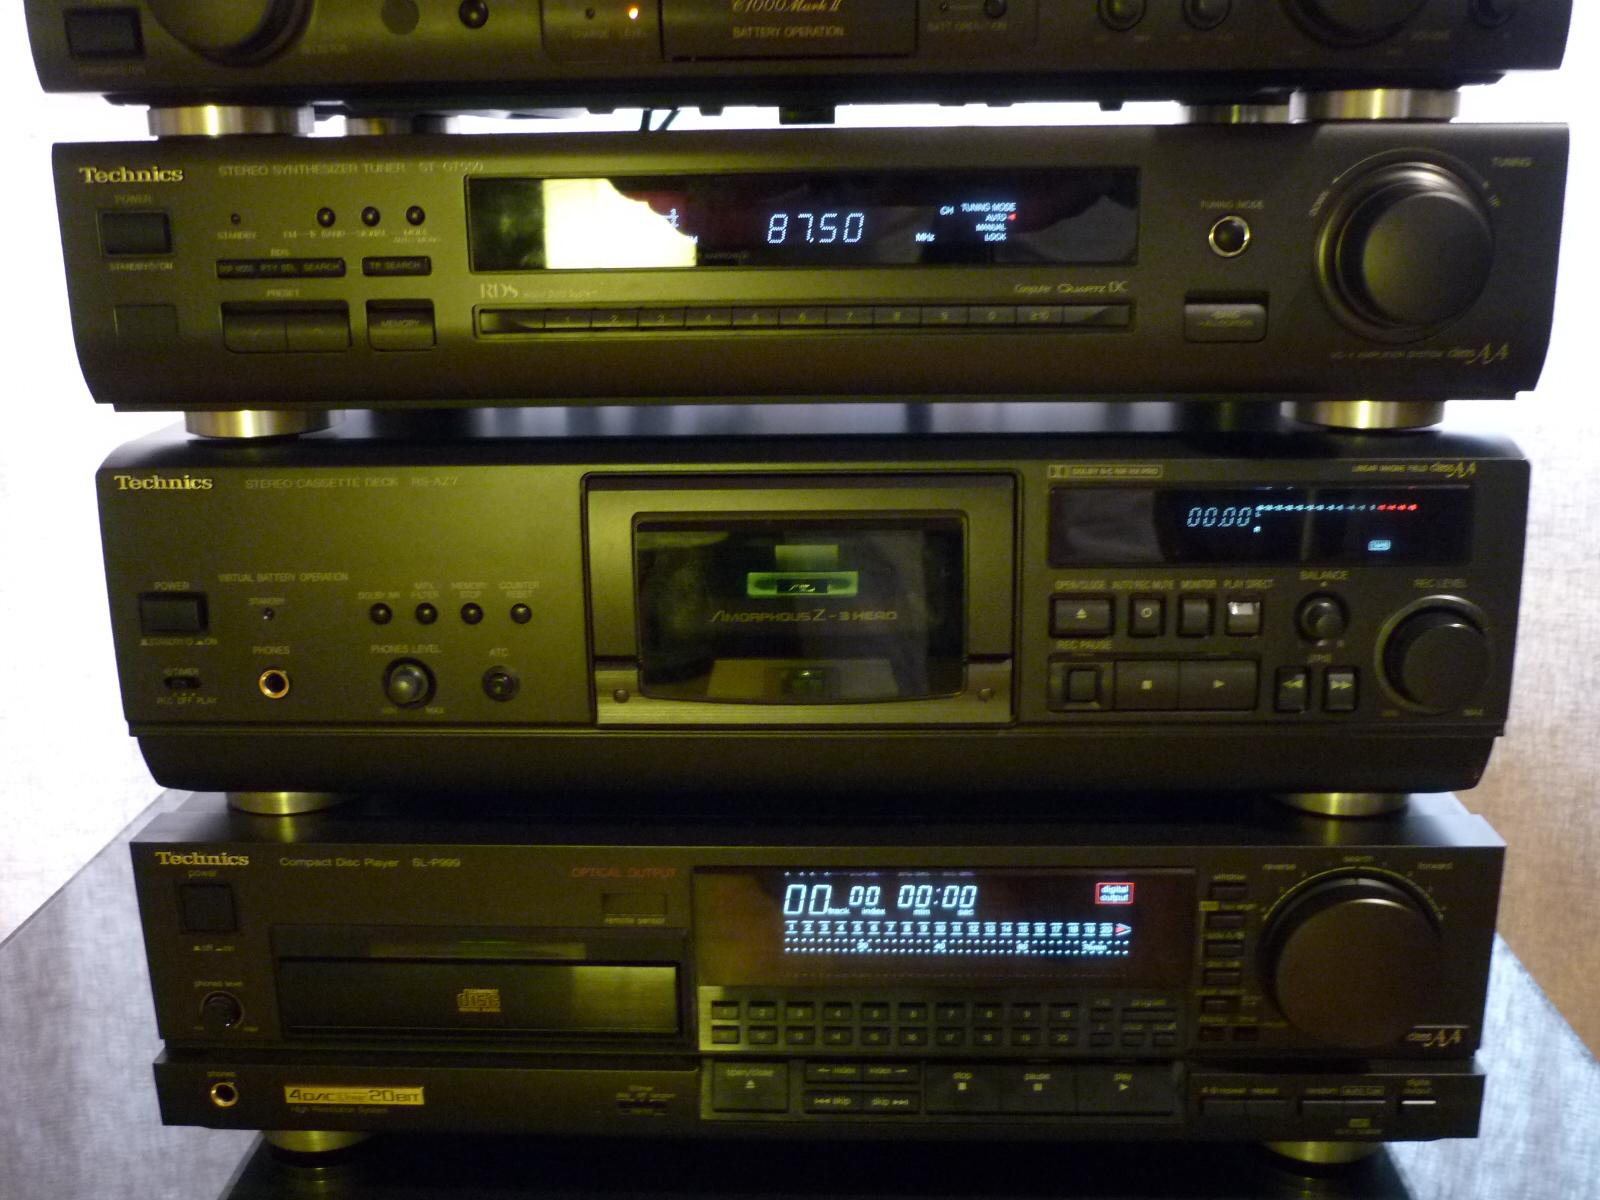 techics anlage anlage hifiklassiker stereo techics technicskompaktanlage90erjahre hifi. Black Bedroom Furniture Sets. Home Design Ideas